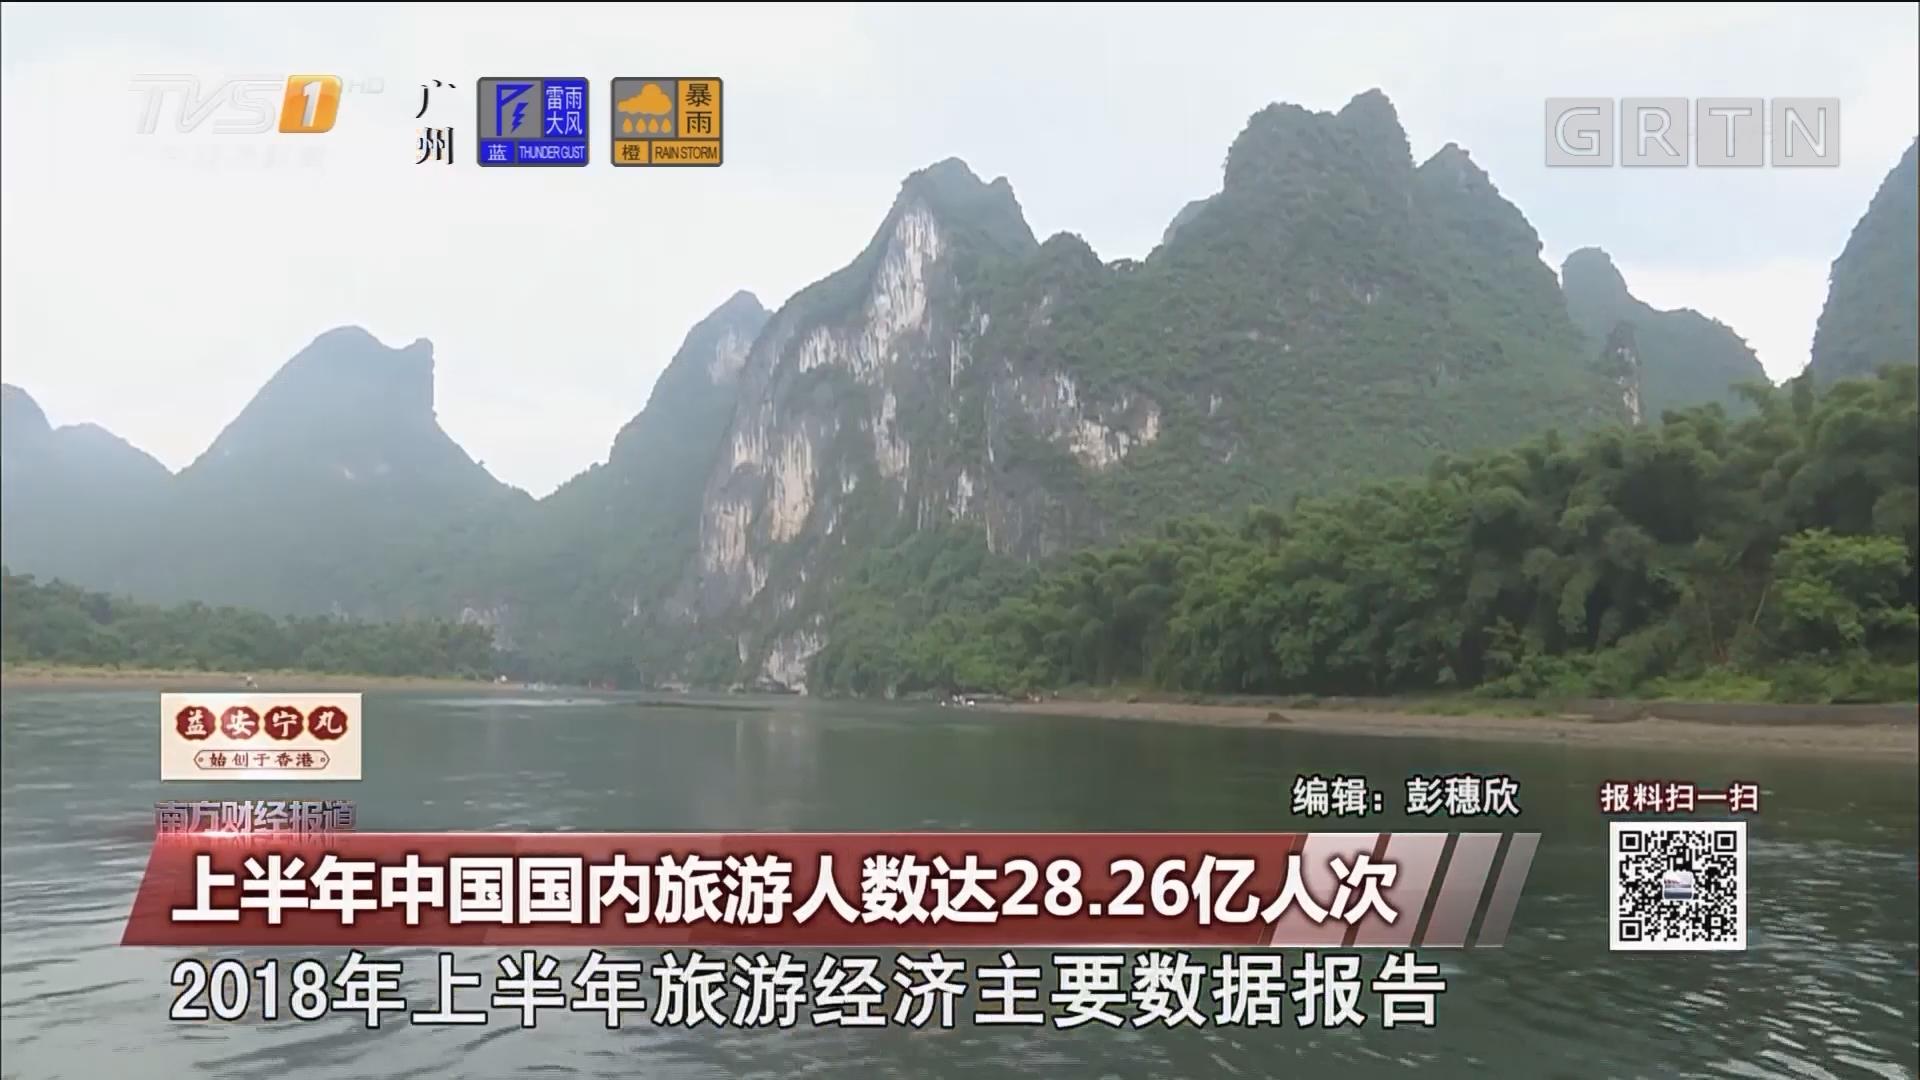 上半年中国国内旅游人数达28.26亿人次